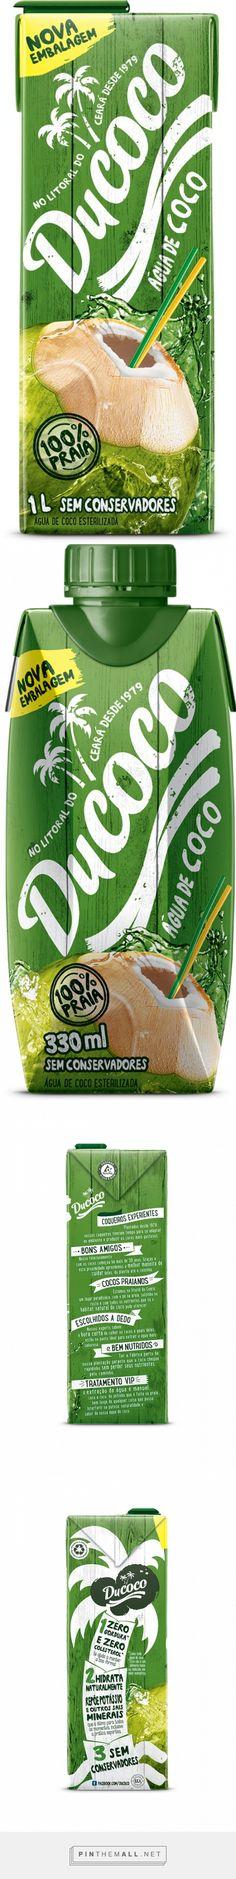 Ducoco   água de coco   #packaging #design